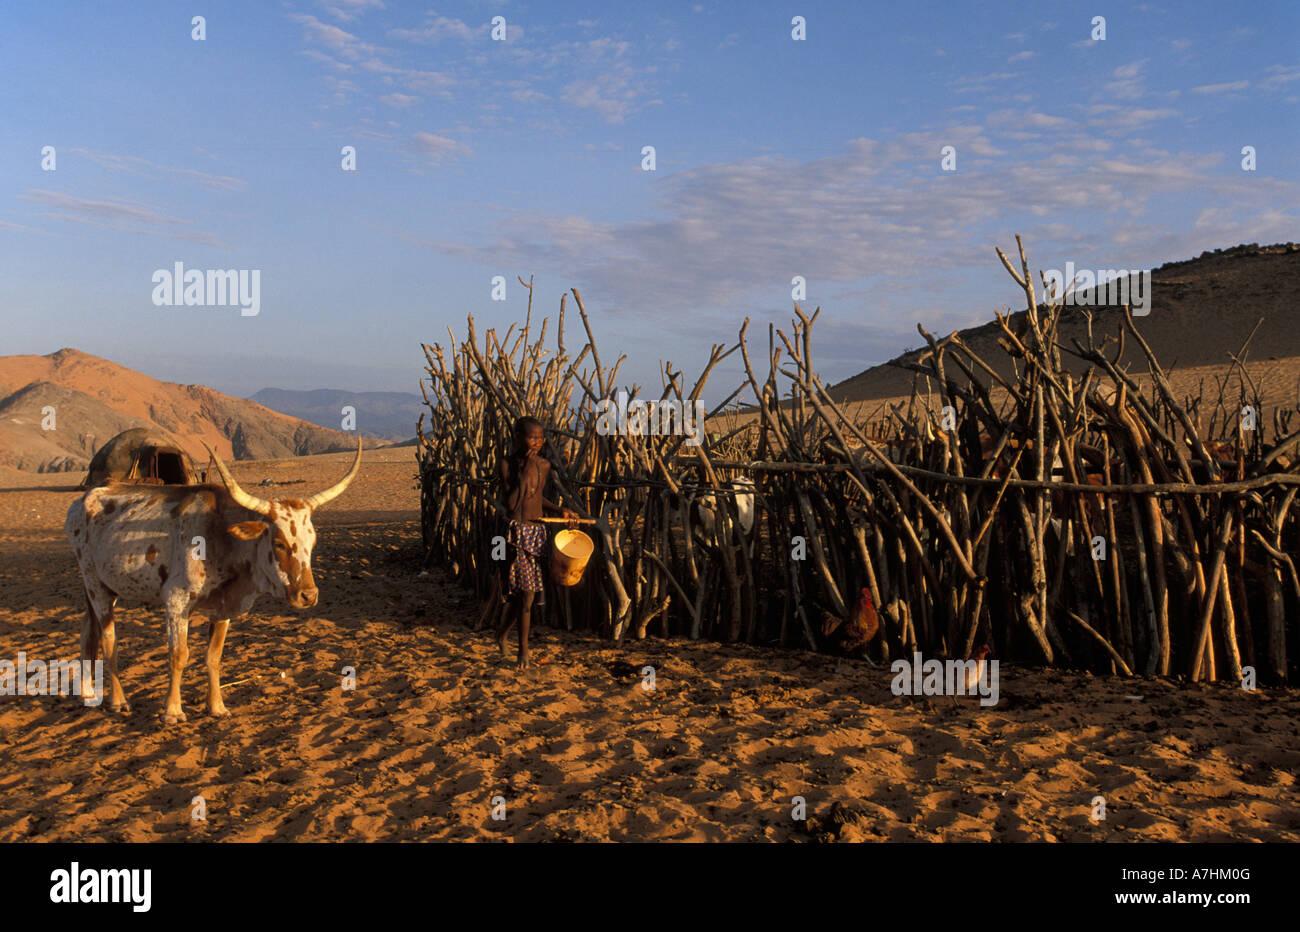 Himba boy milking cattle, Kunene region, Kaokoland, Namibia - Stock Image